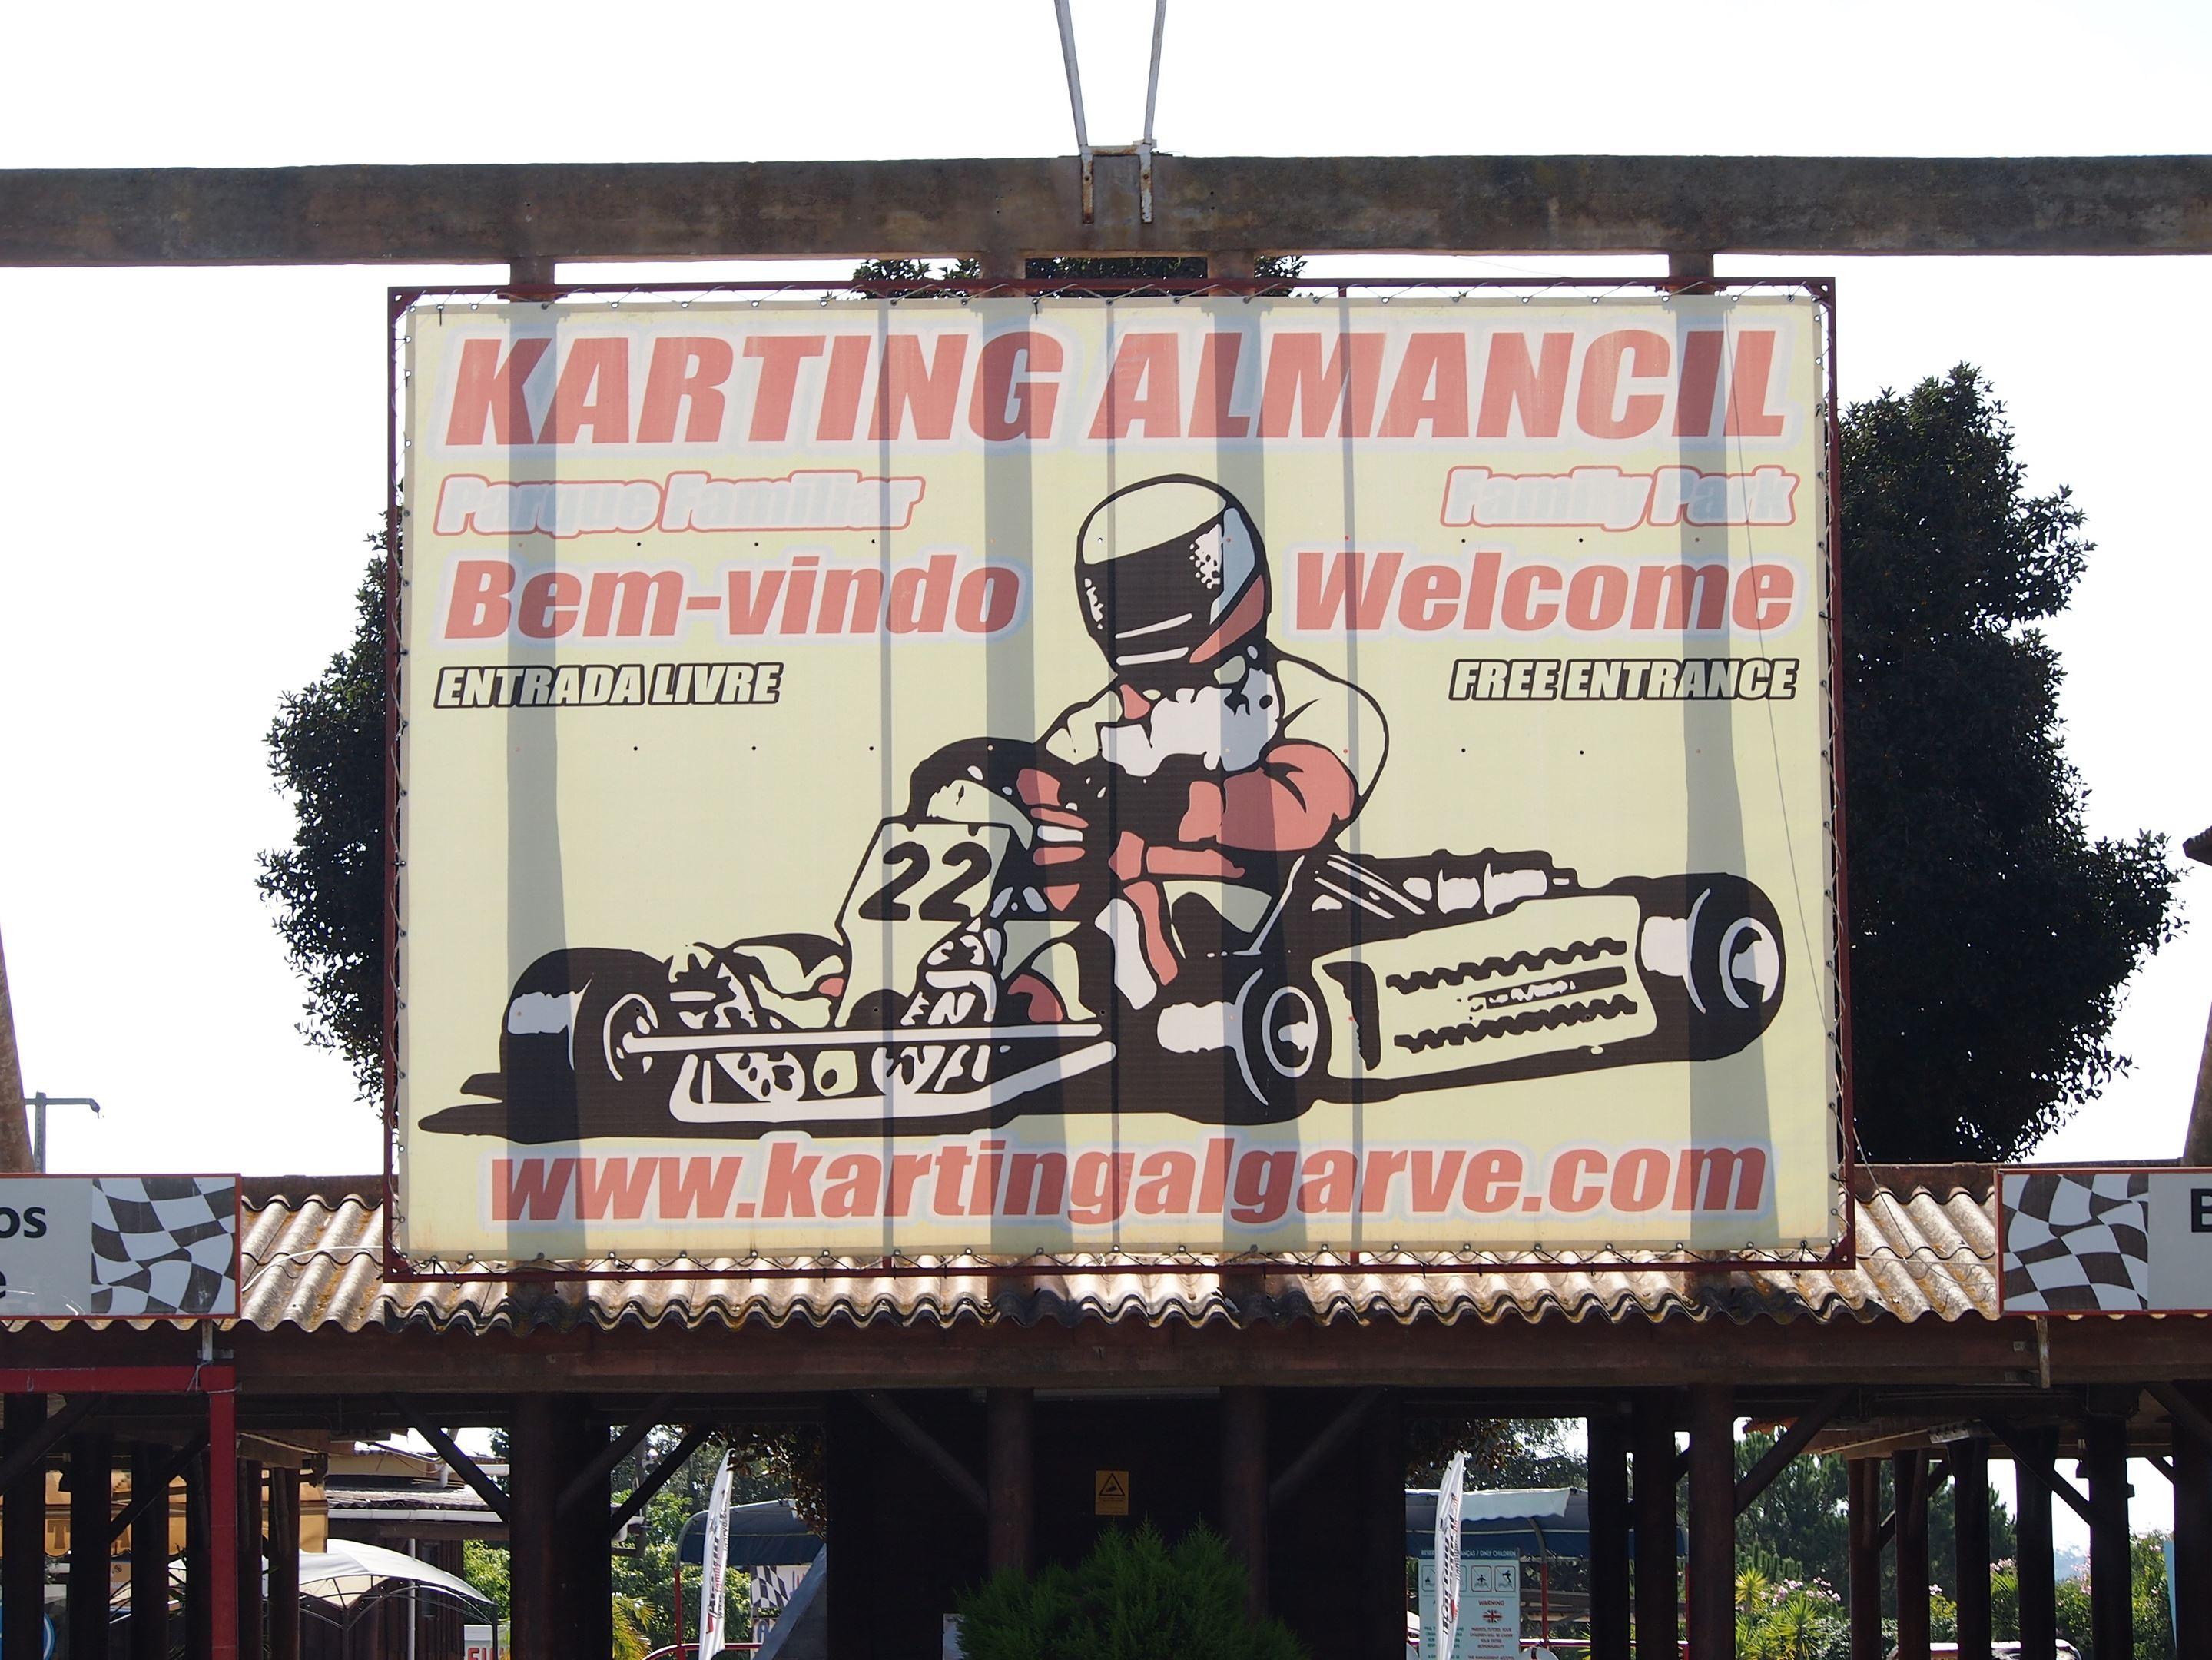 Karting Almancil, Algarve